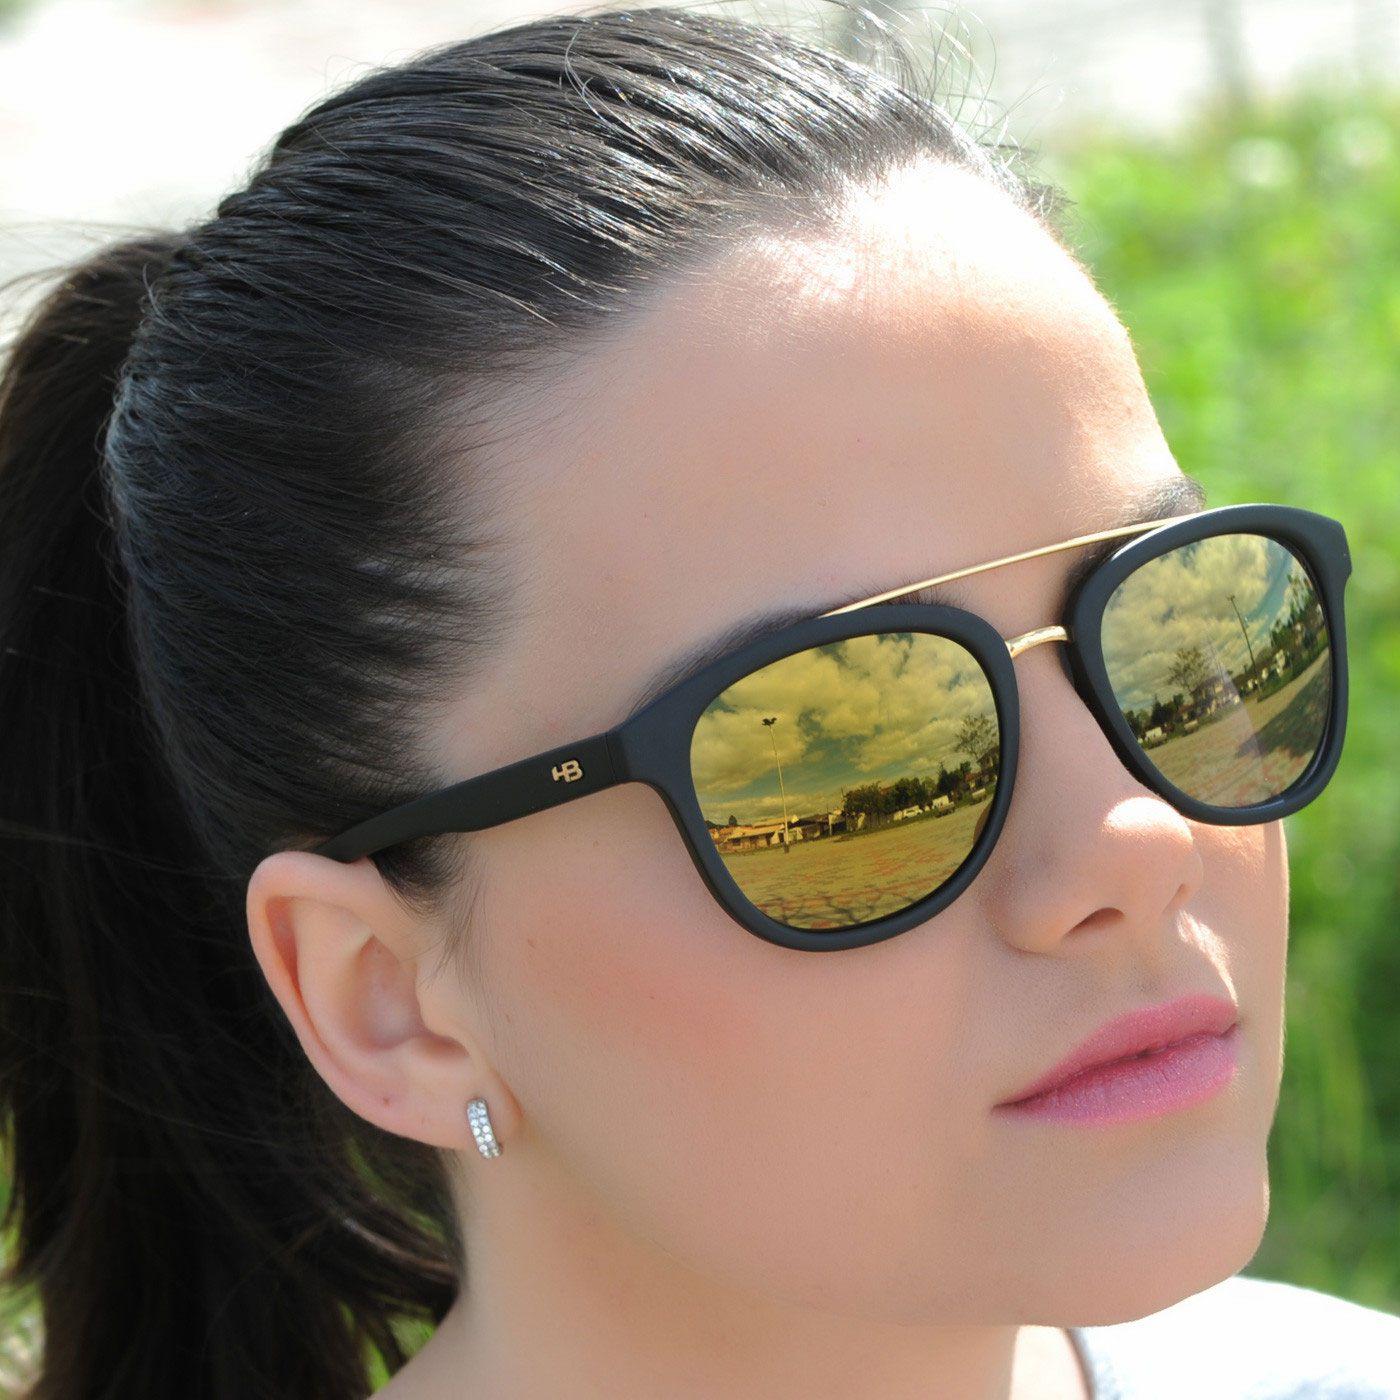 97ddcf8e9 Óculos de Sol HB Moomba Gold Chrome - Preto Fosco - Espelhado